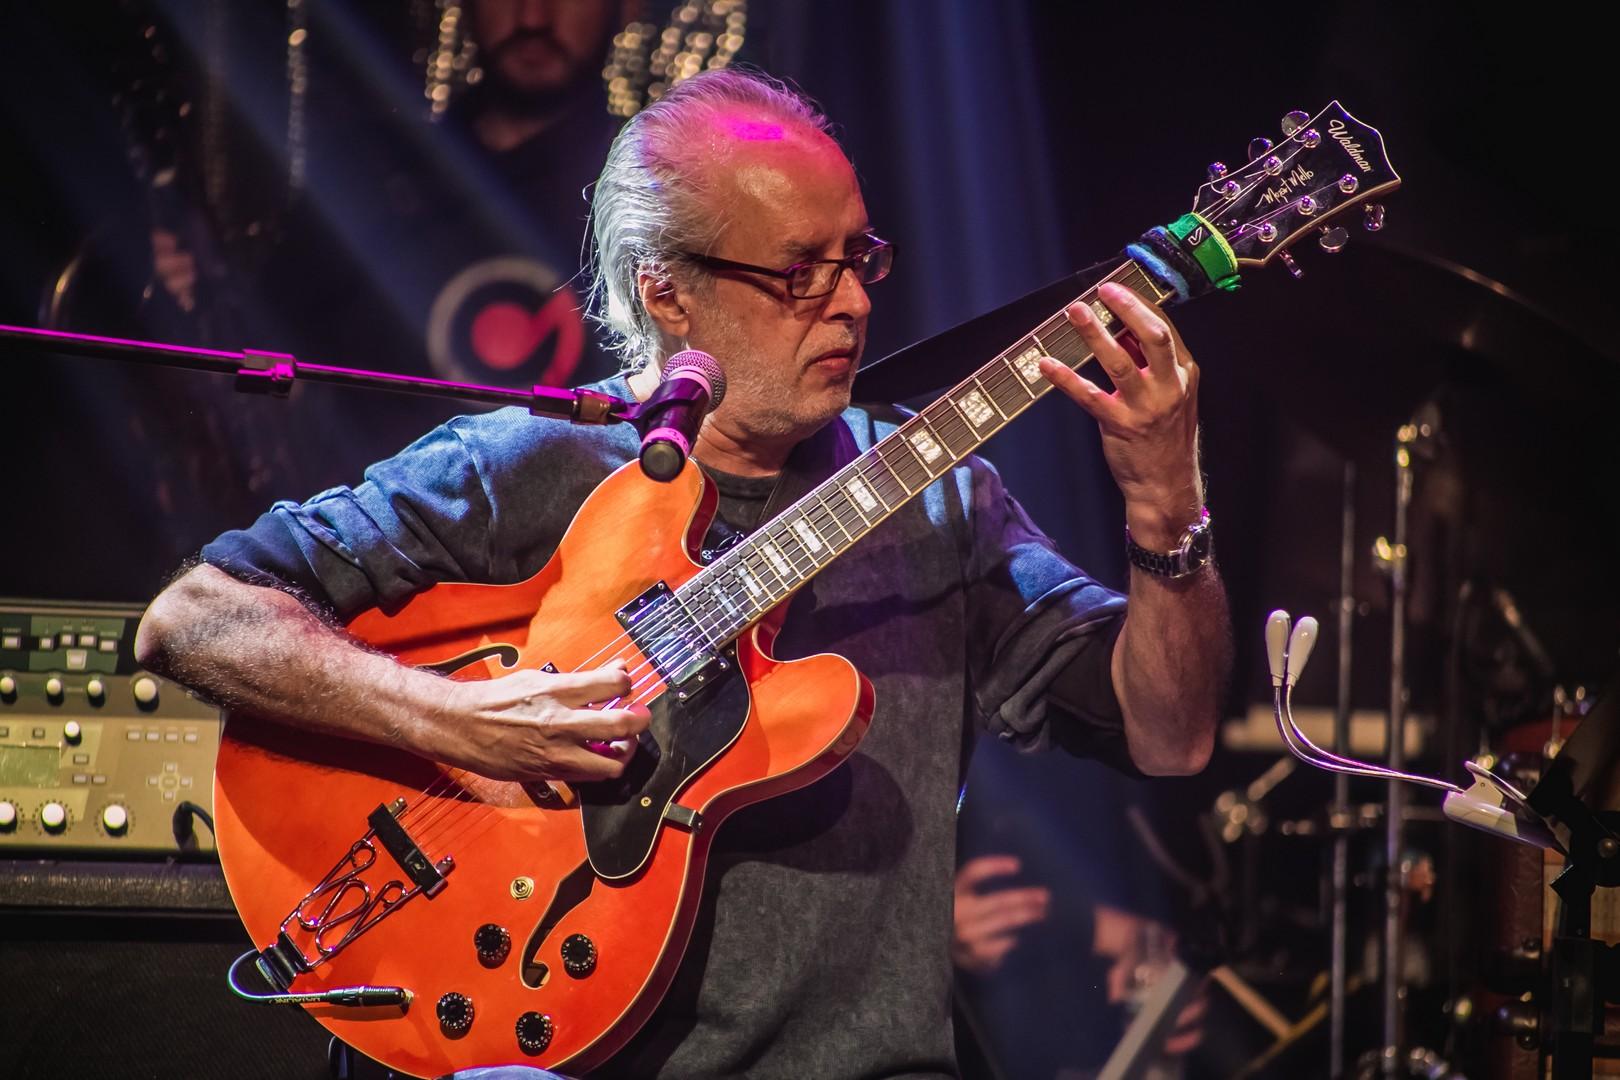 Mozart Mello toca com Banda Cavallieri no III Guitar Player Festival